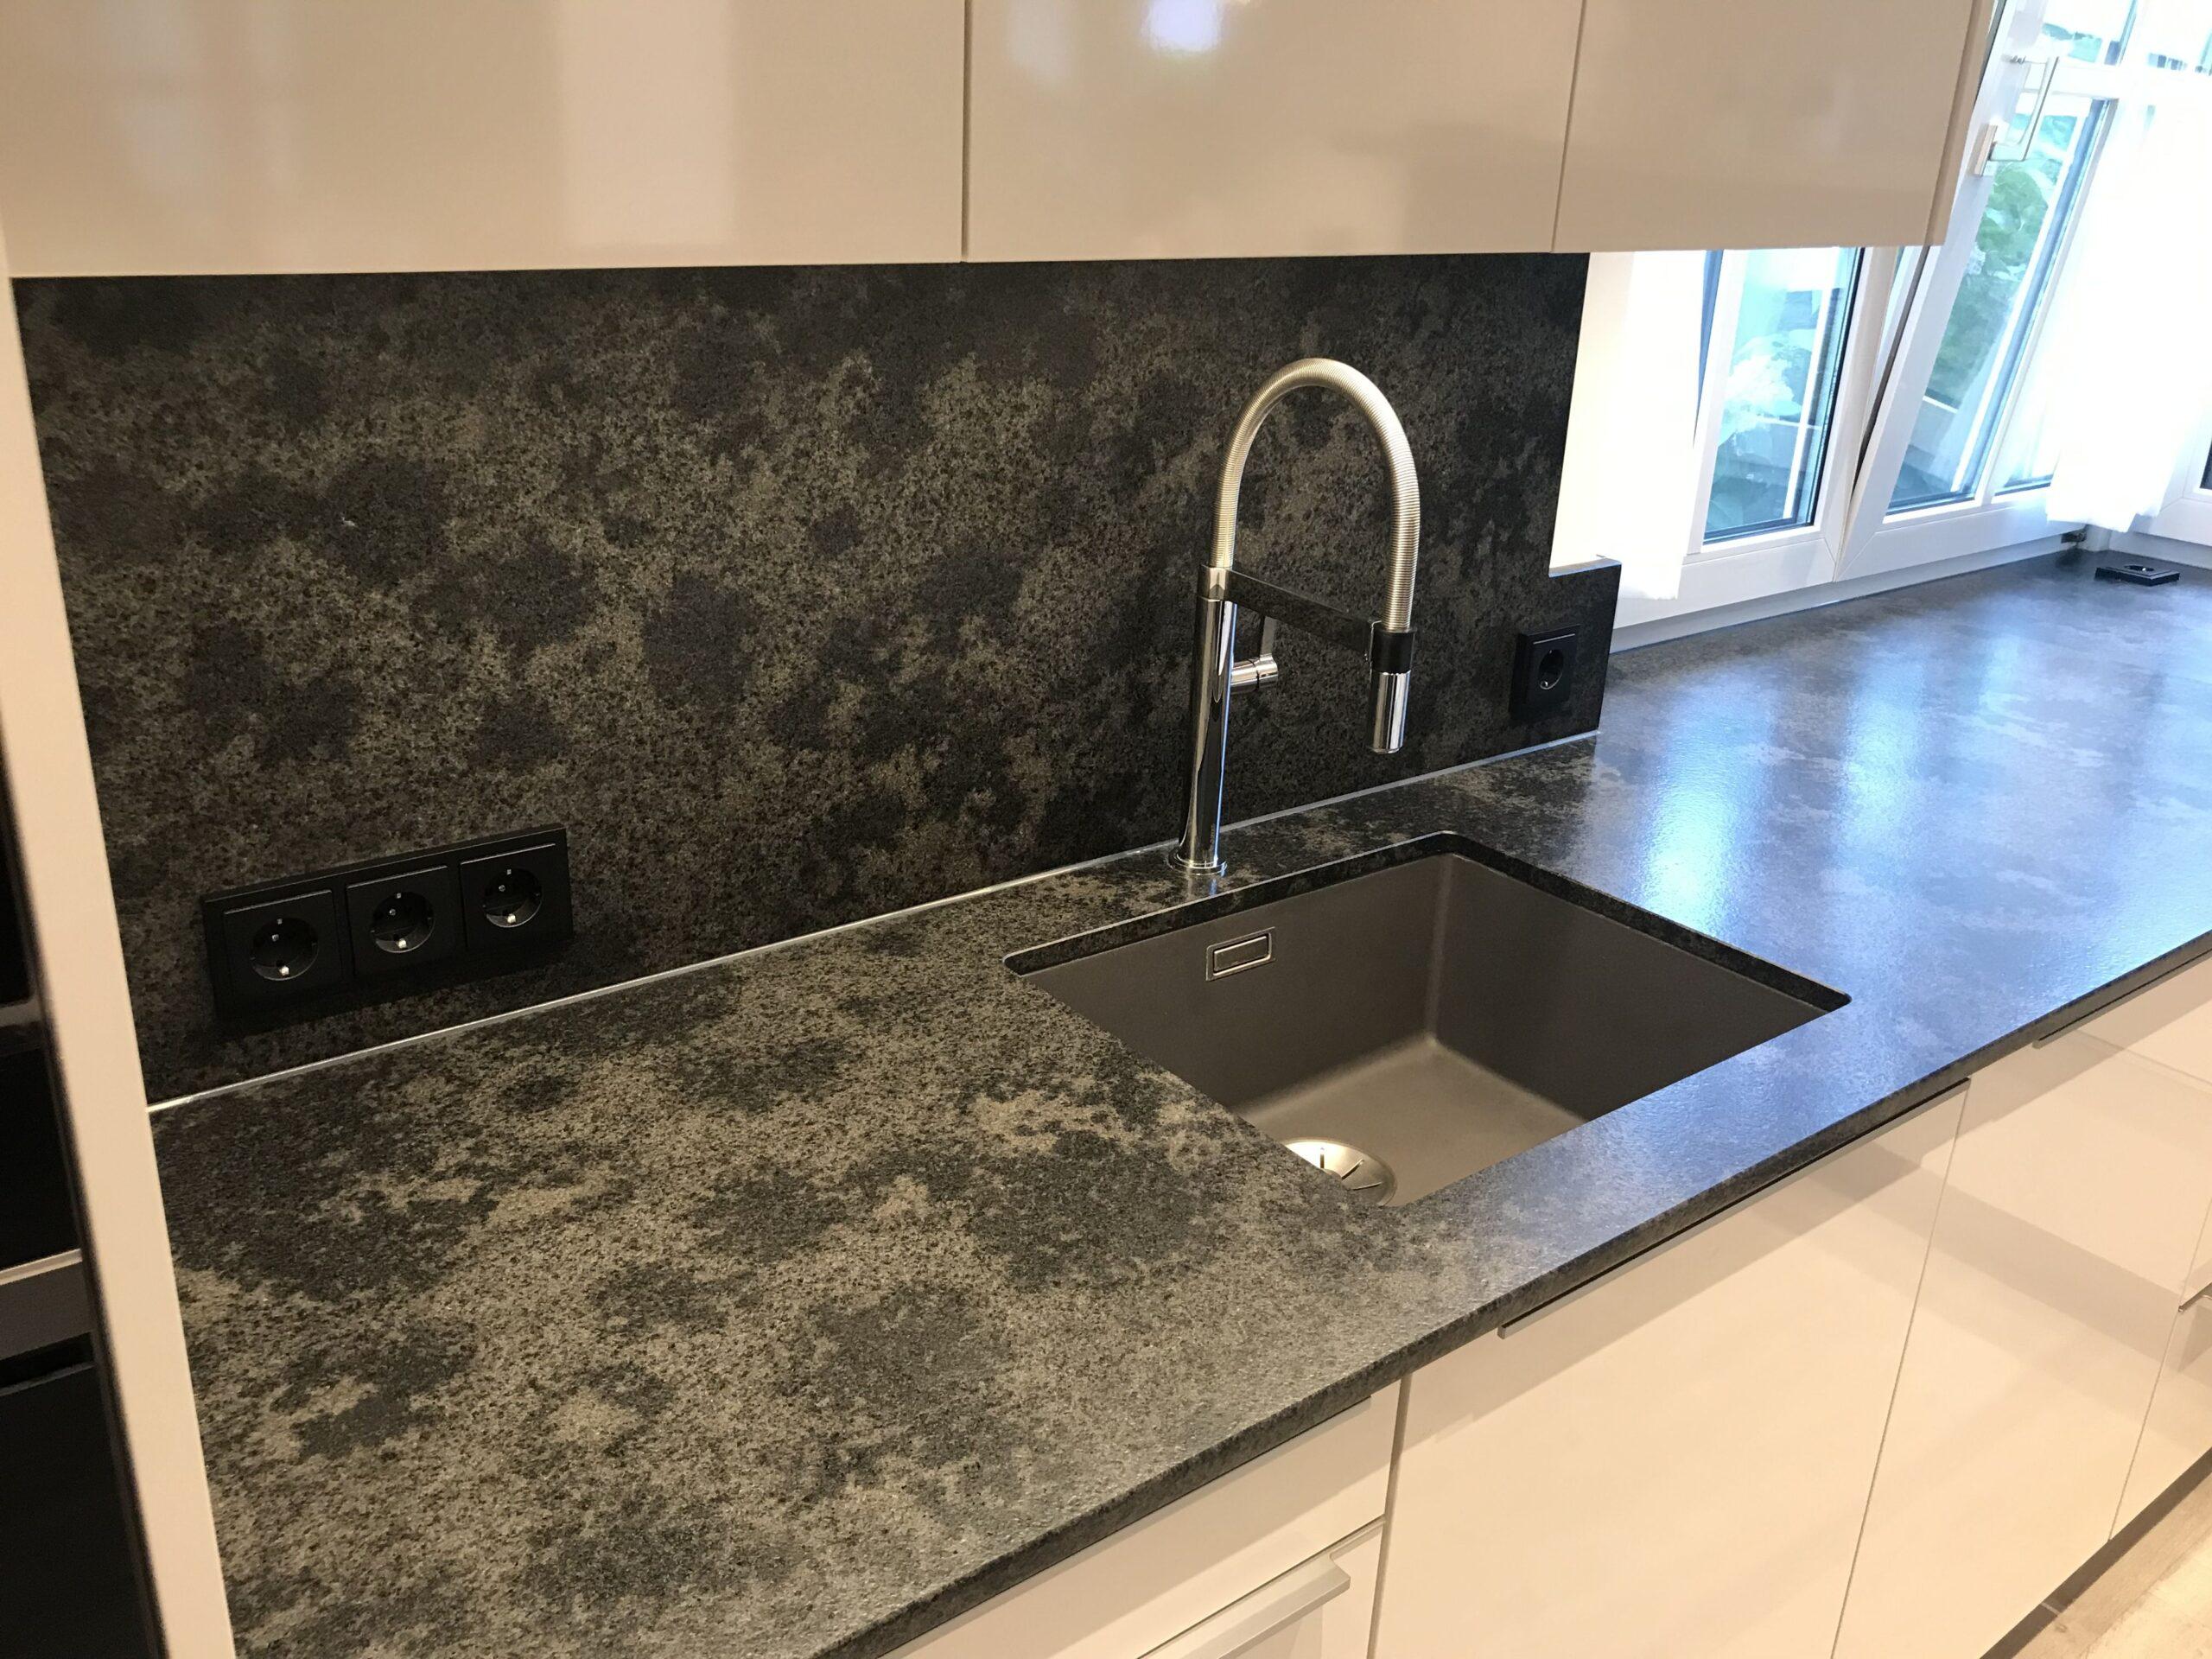 Full Size of Kchenarbeitsplatte Granitecountertops Granitarbeitsplatte Granitplatten Küche Arbeitsplatte Arbeitsplatten Sideboard Mit Wohnzimmer Granit Arbeitsplatte